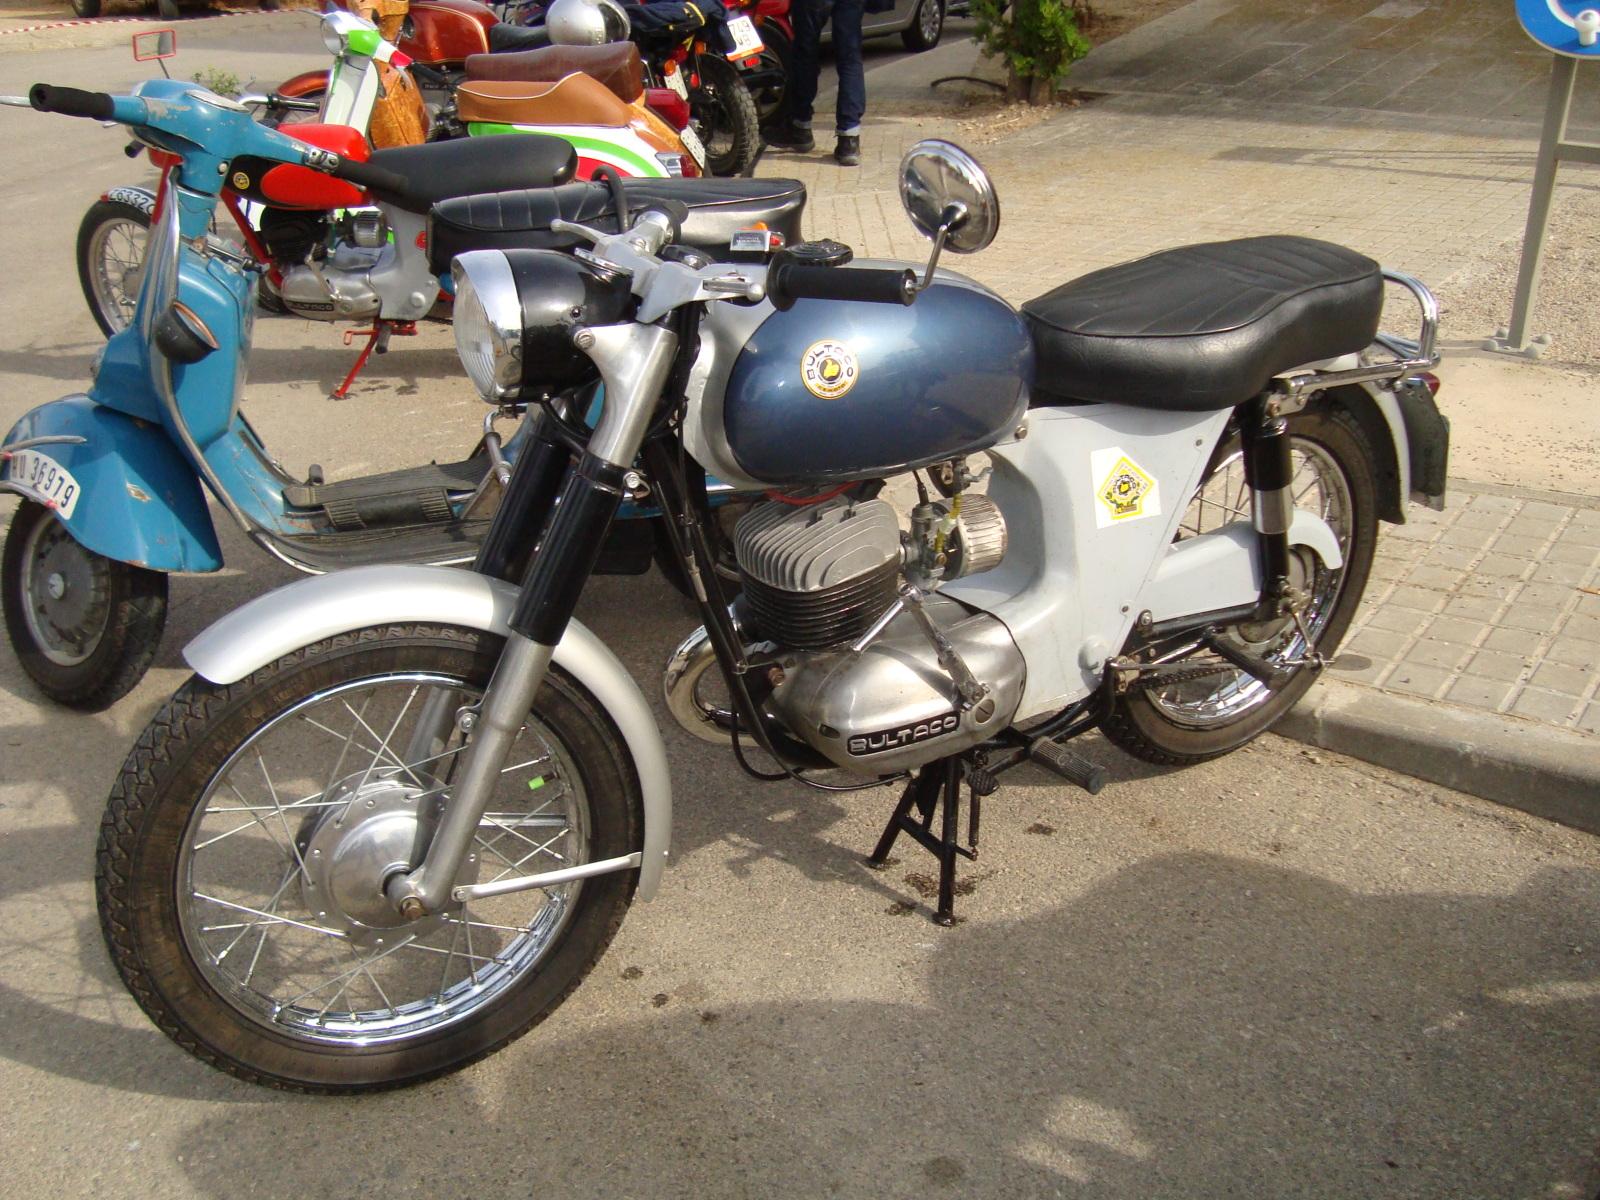 XI concentracion de motos antiguas en Alberuela de tubo (Huesca) Vy43l5